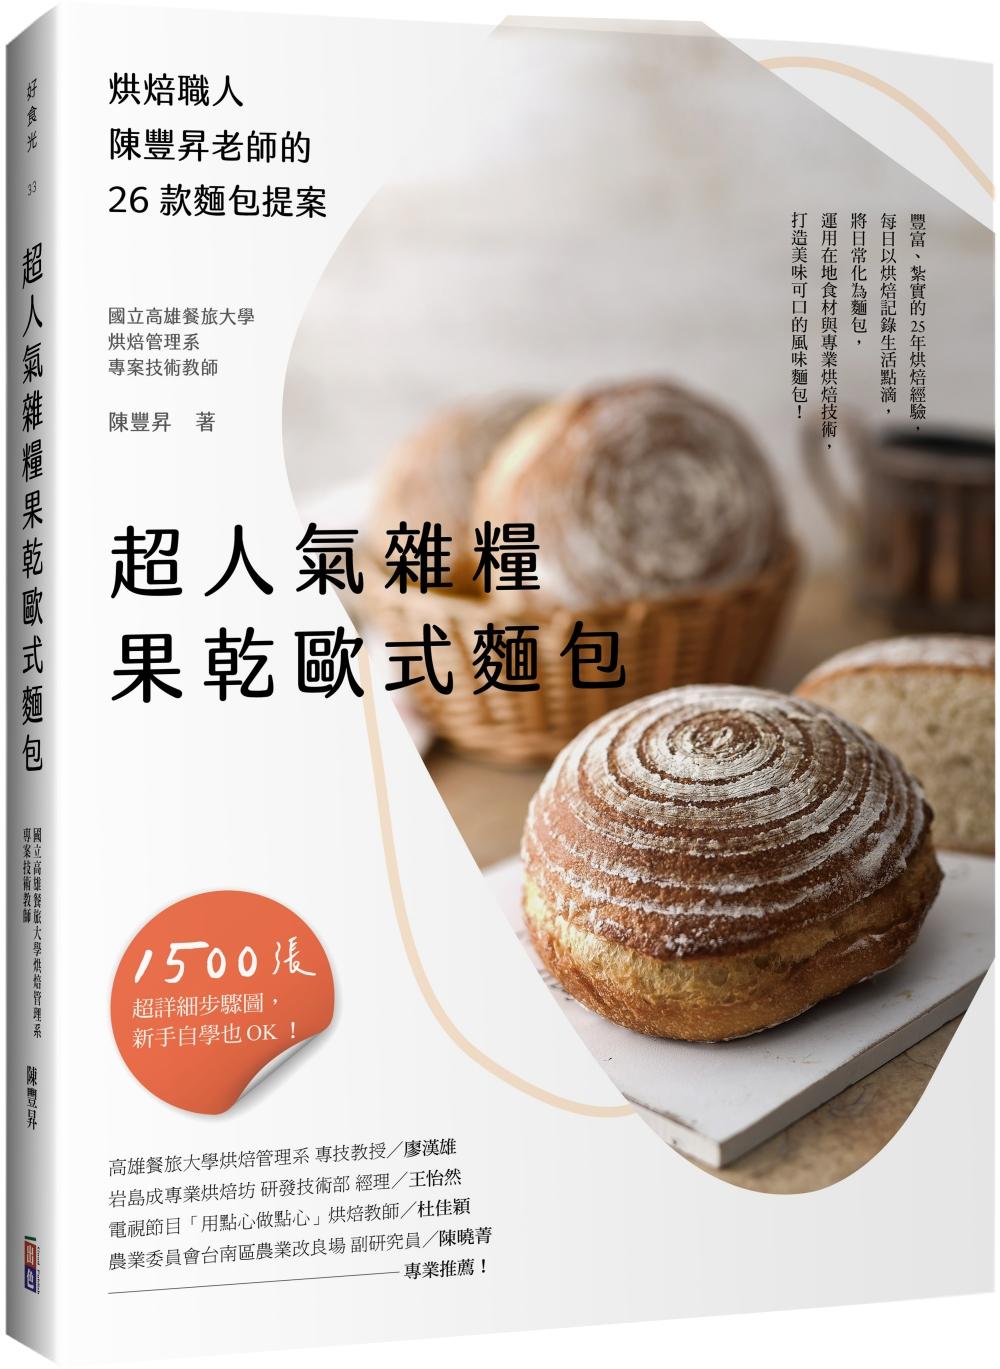 超人氣果乾雜糧果乾麵包:烘焙職...